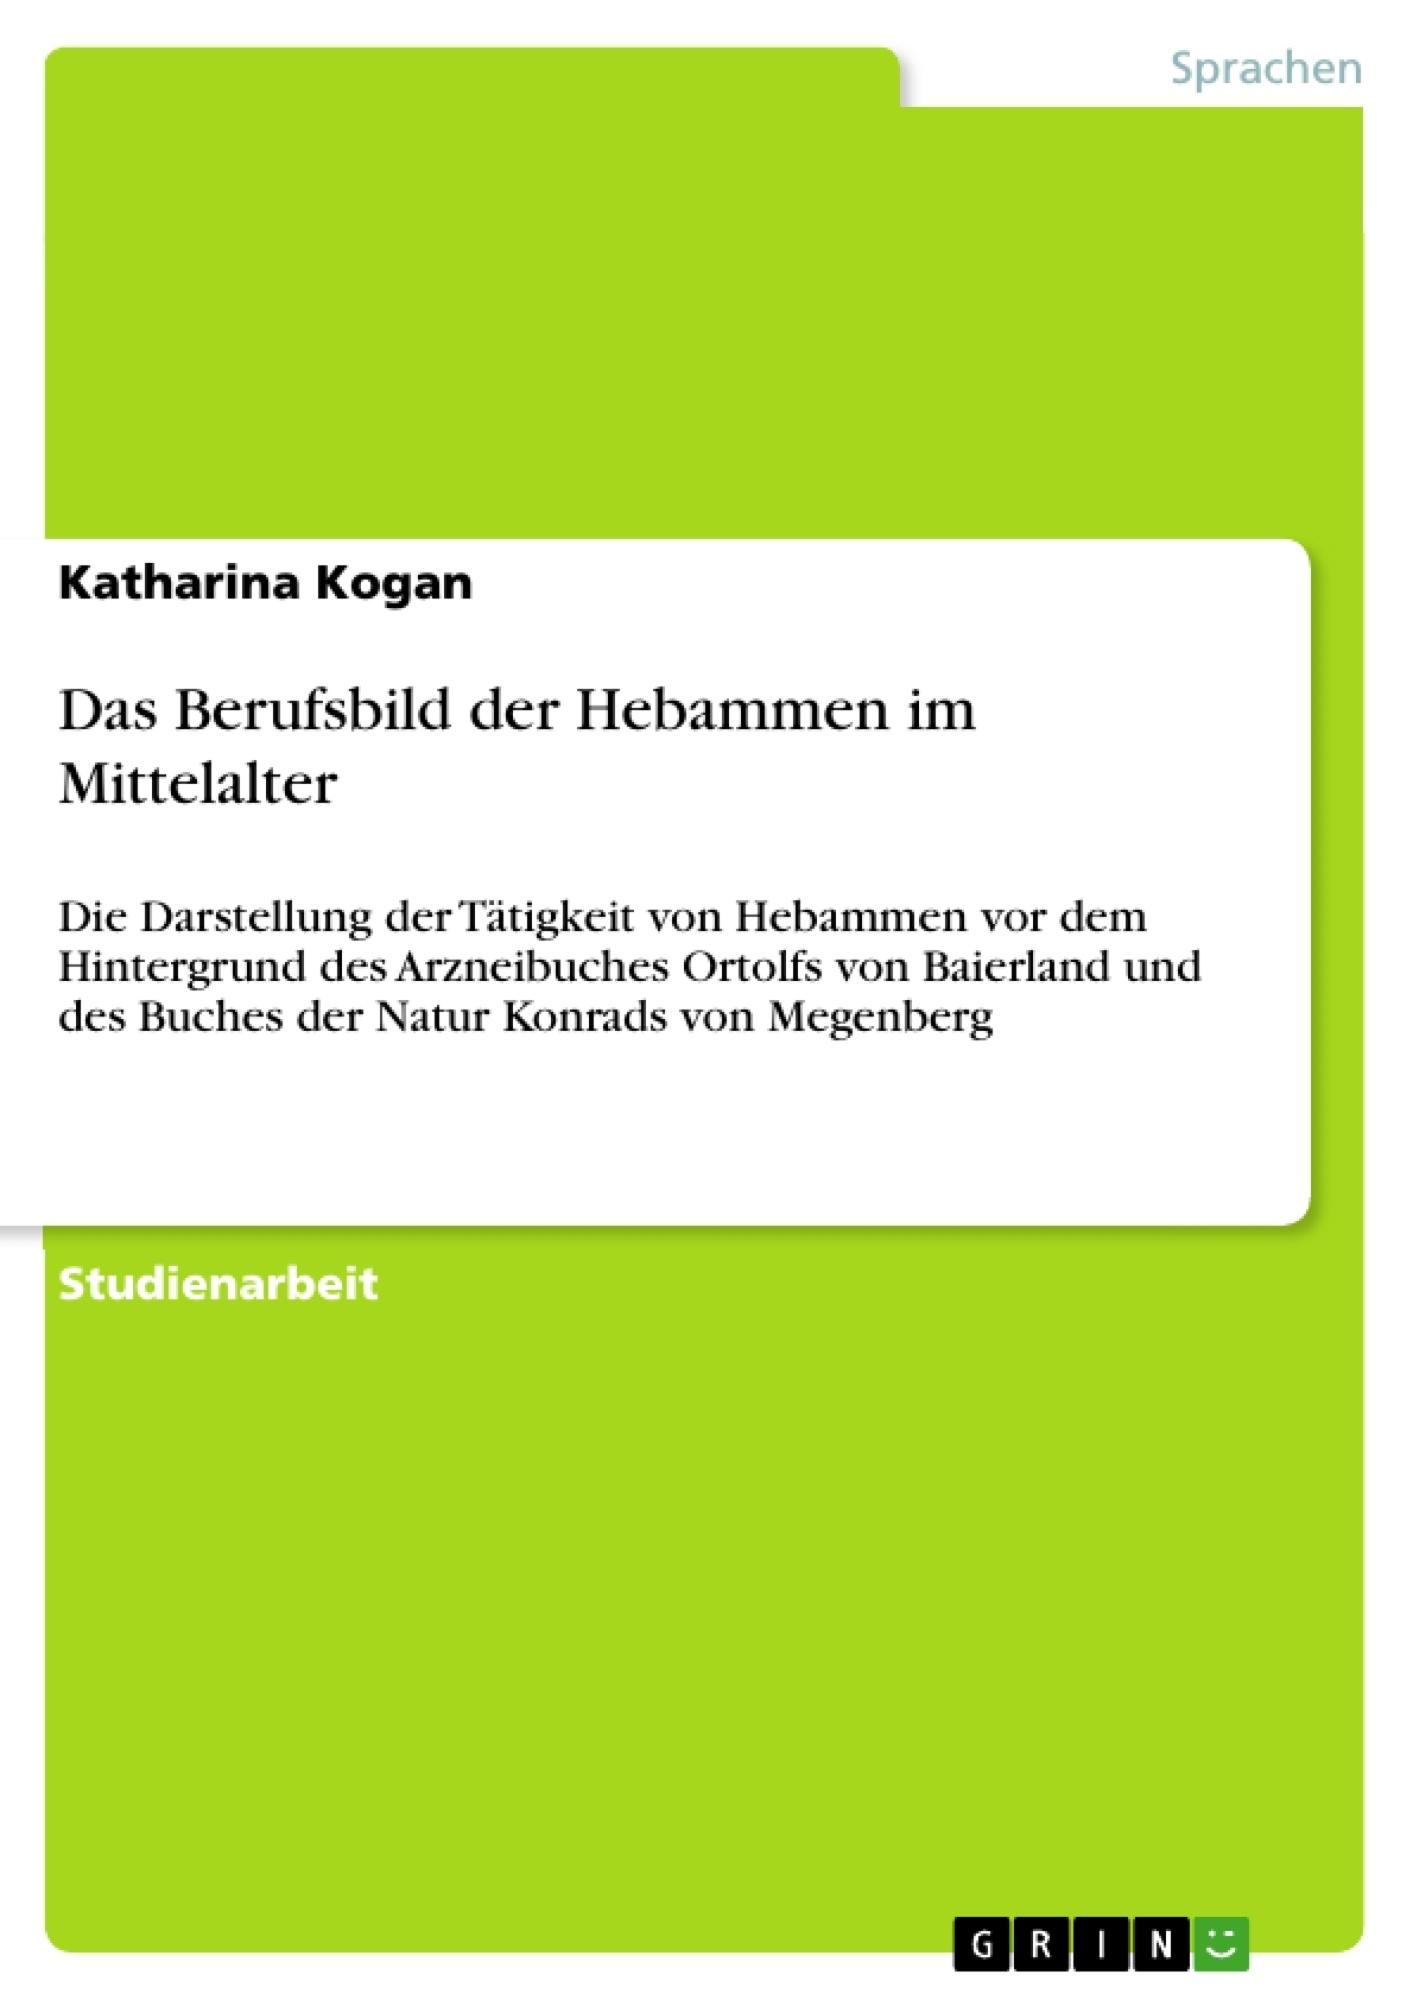 Titel: Das Berufsbild der Hebammen im Mittelalter